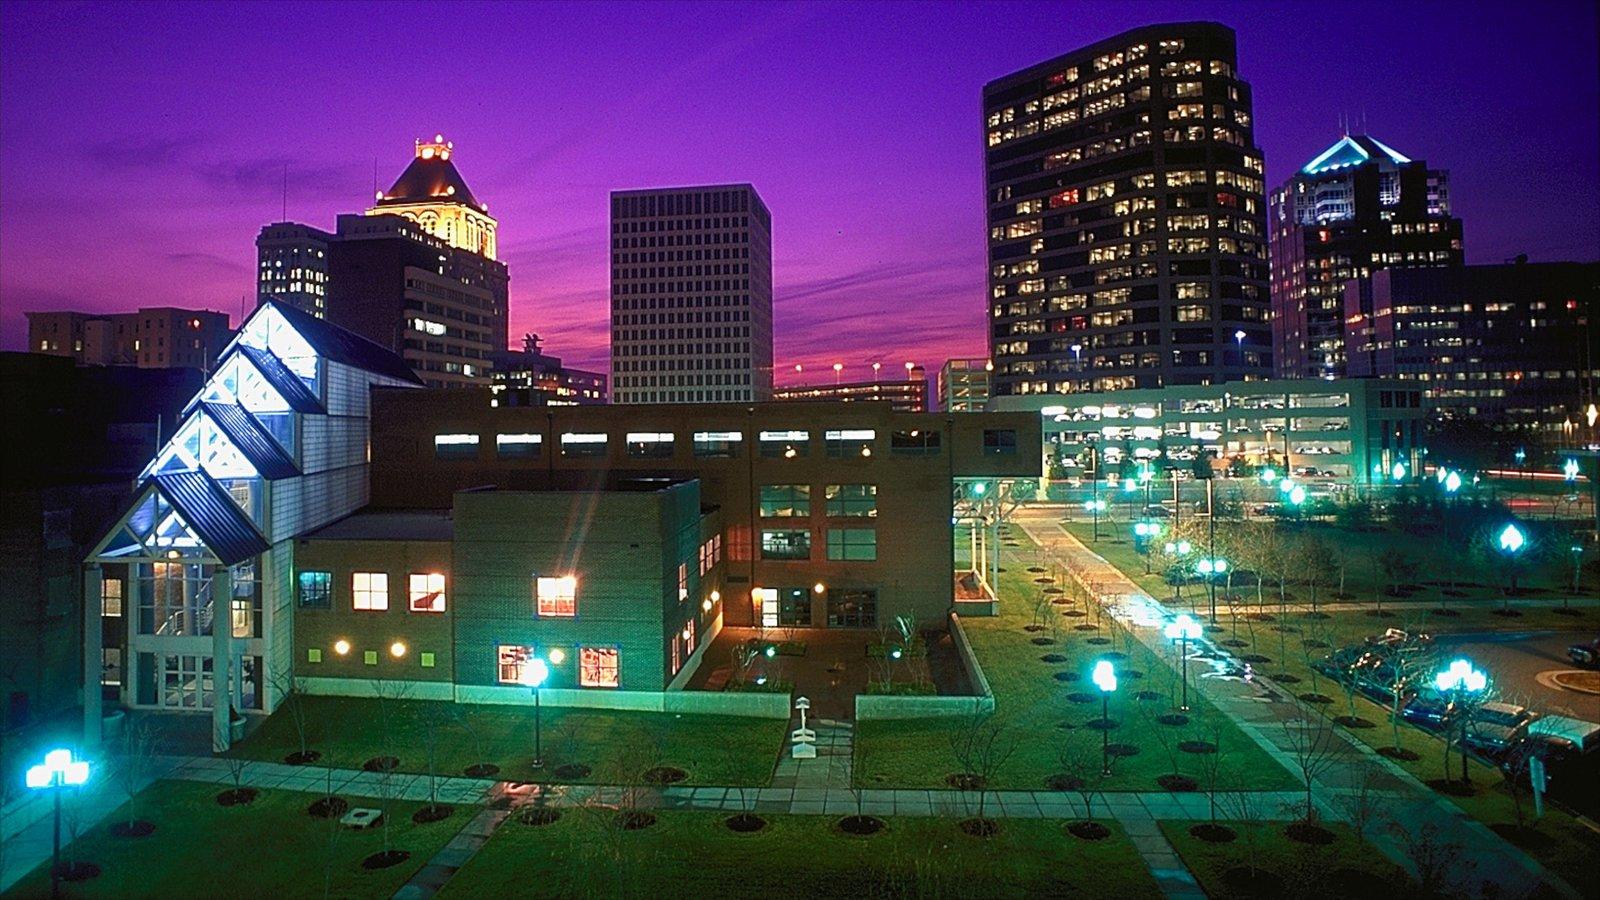 Greensboro que inclui cenas noturnas, arquitetura moderna e uma cidade